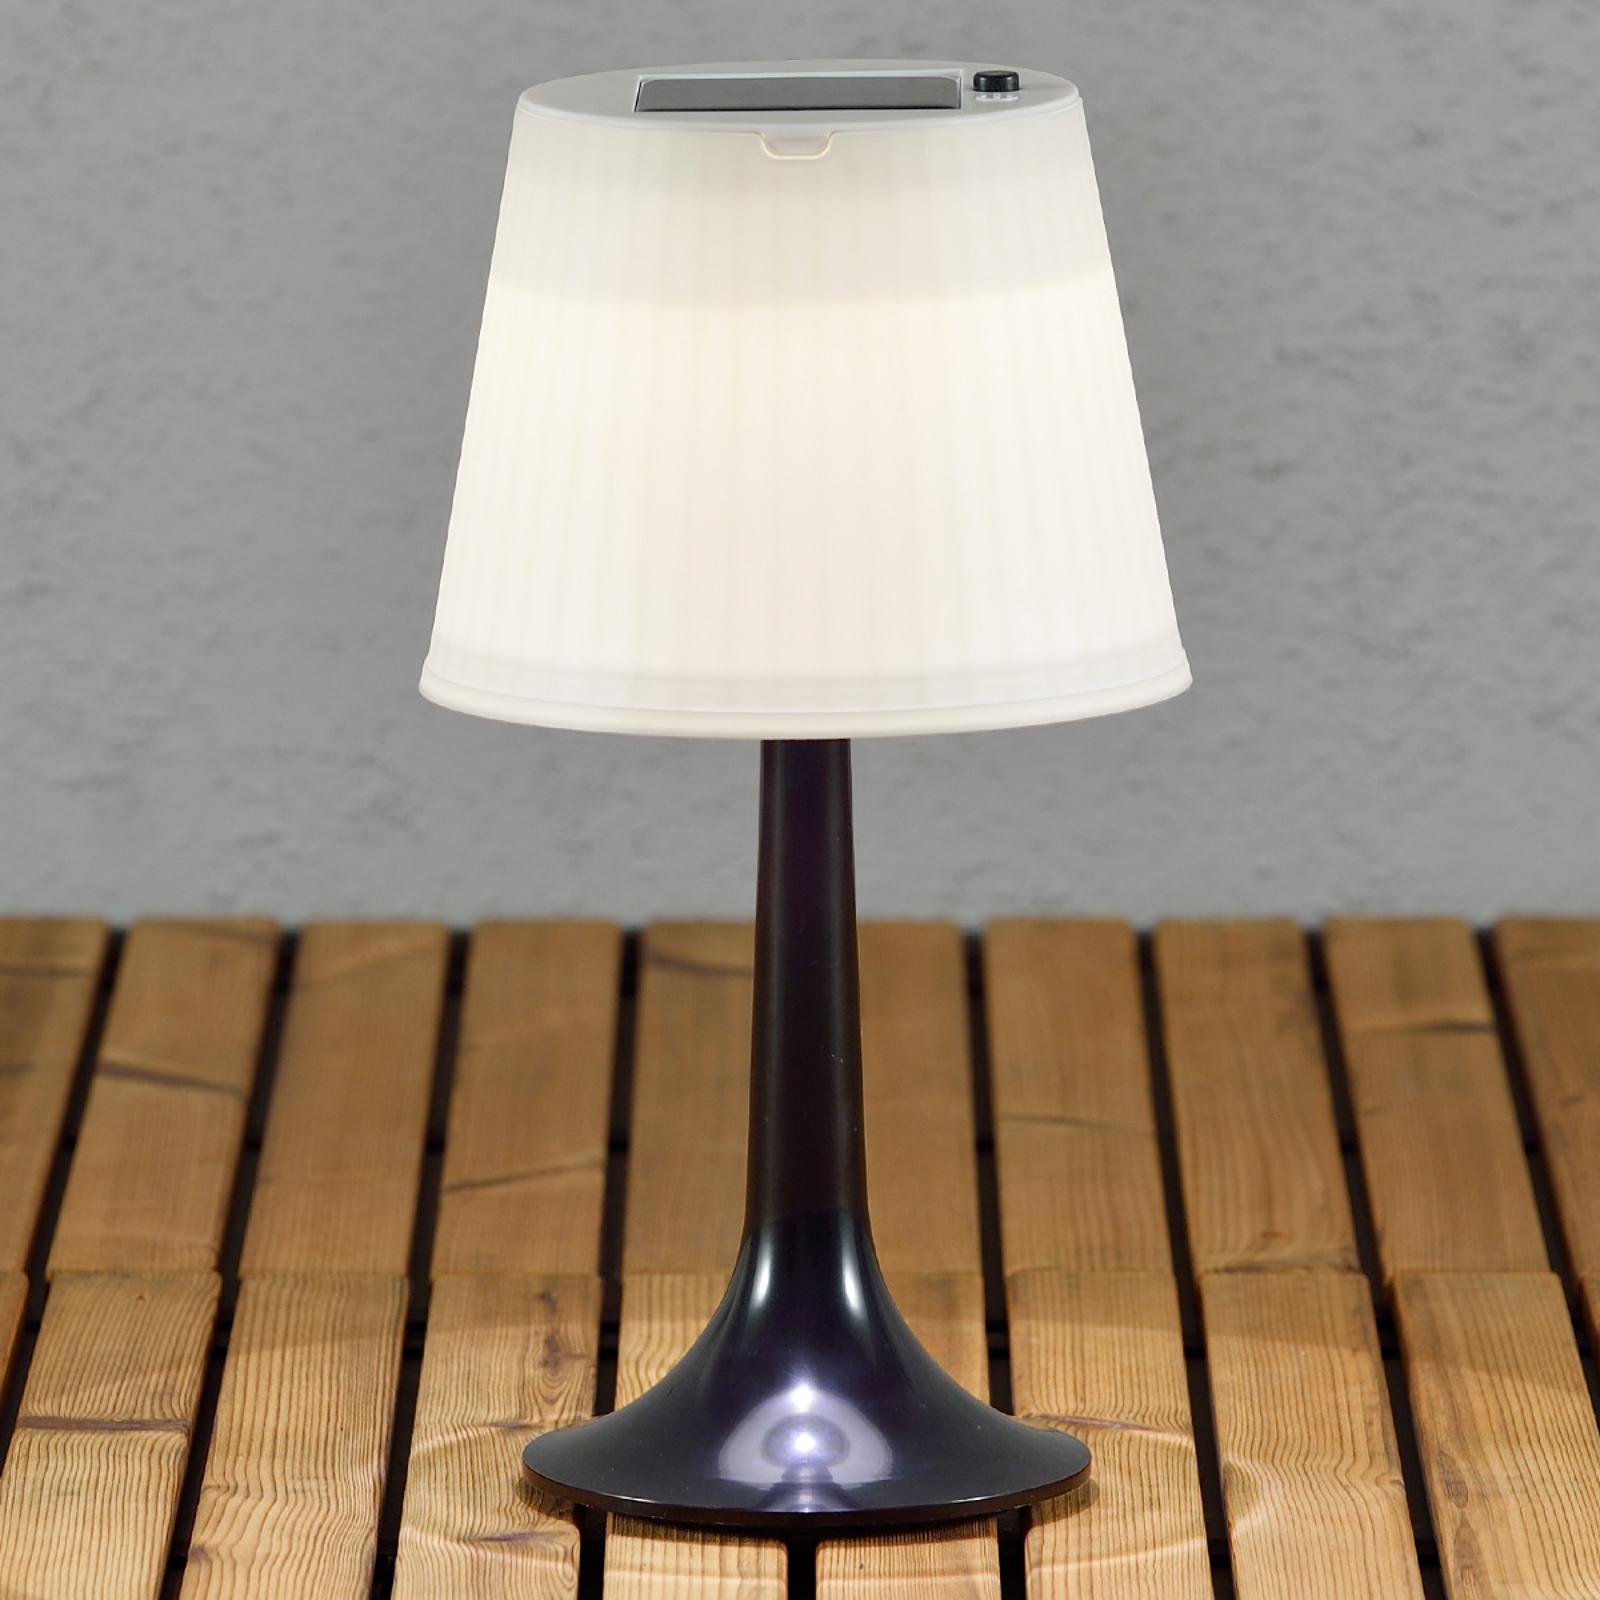 Svart solcelledrevet bordlampe Assisi Sitra m. LED